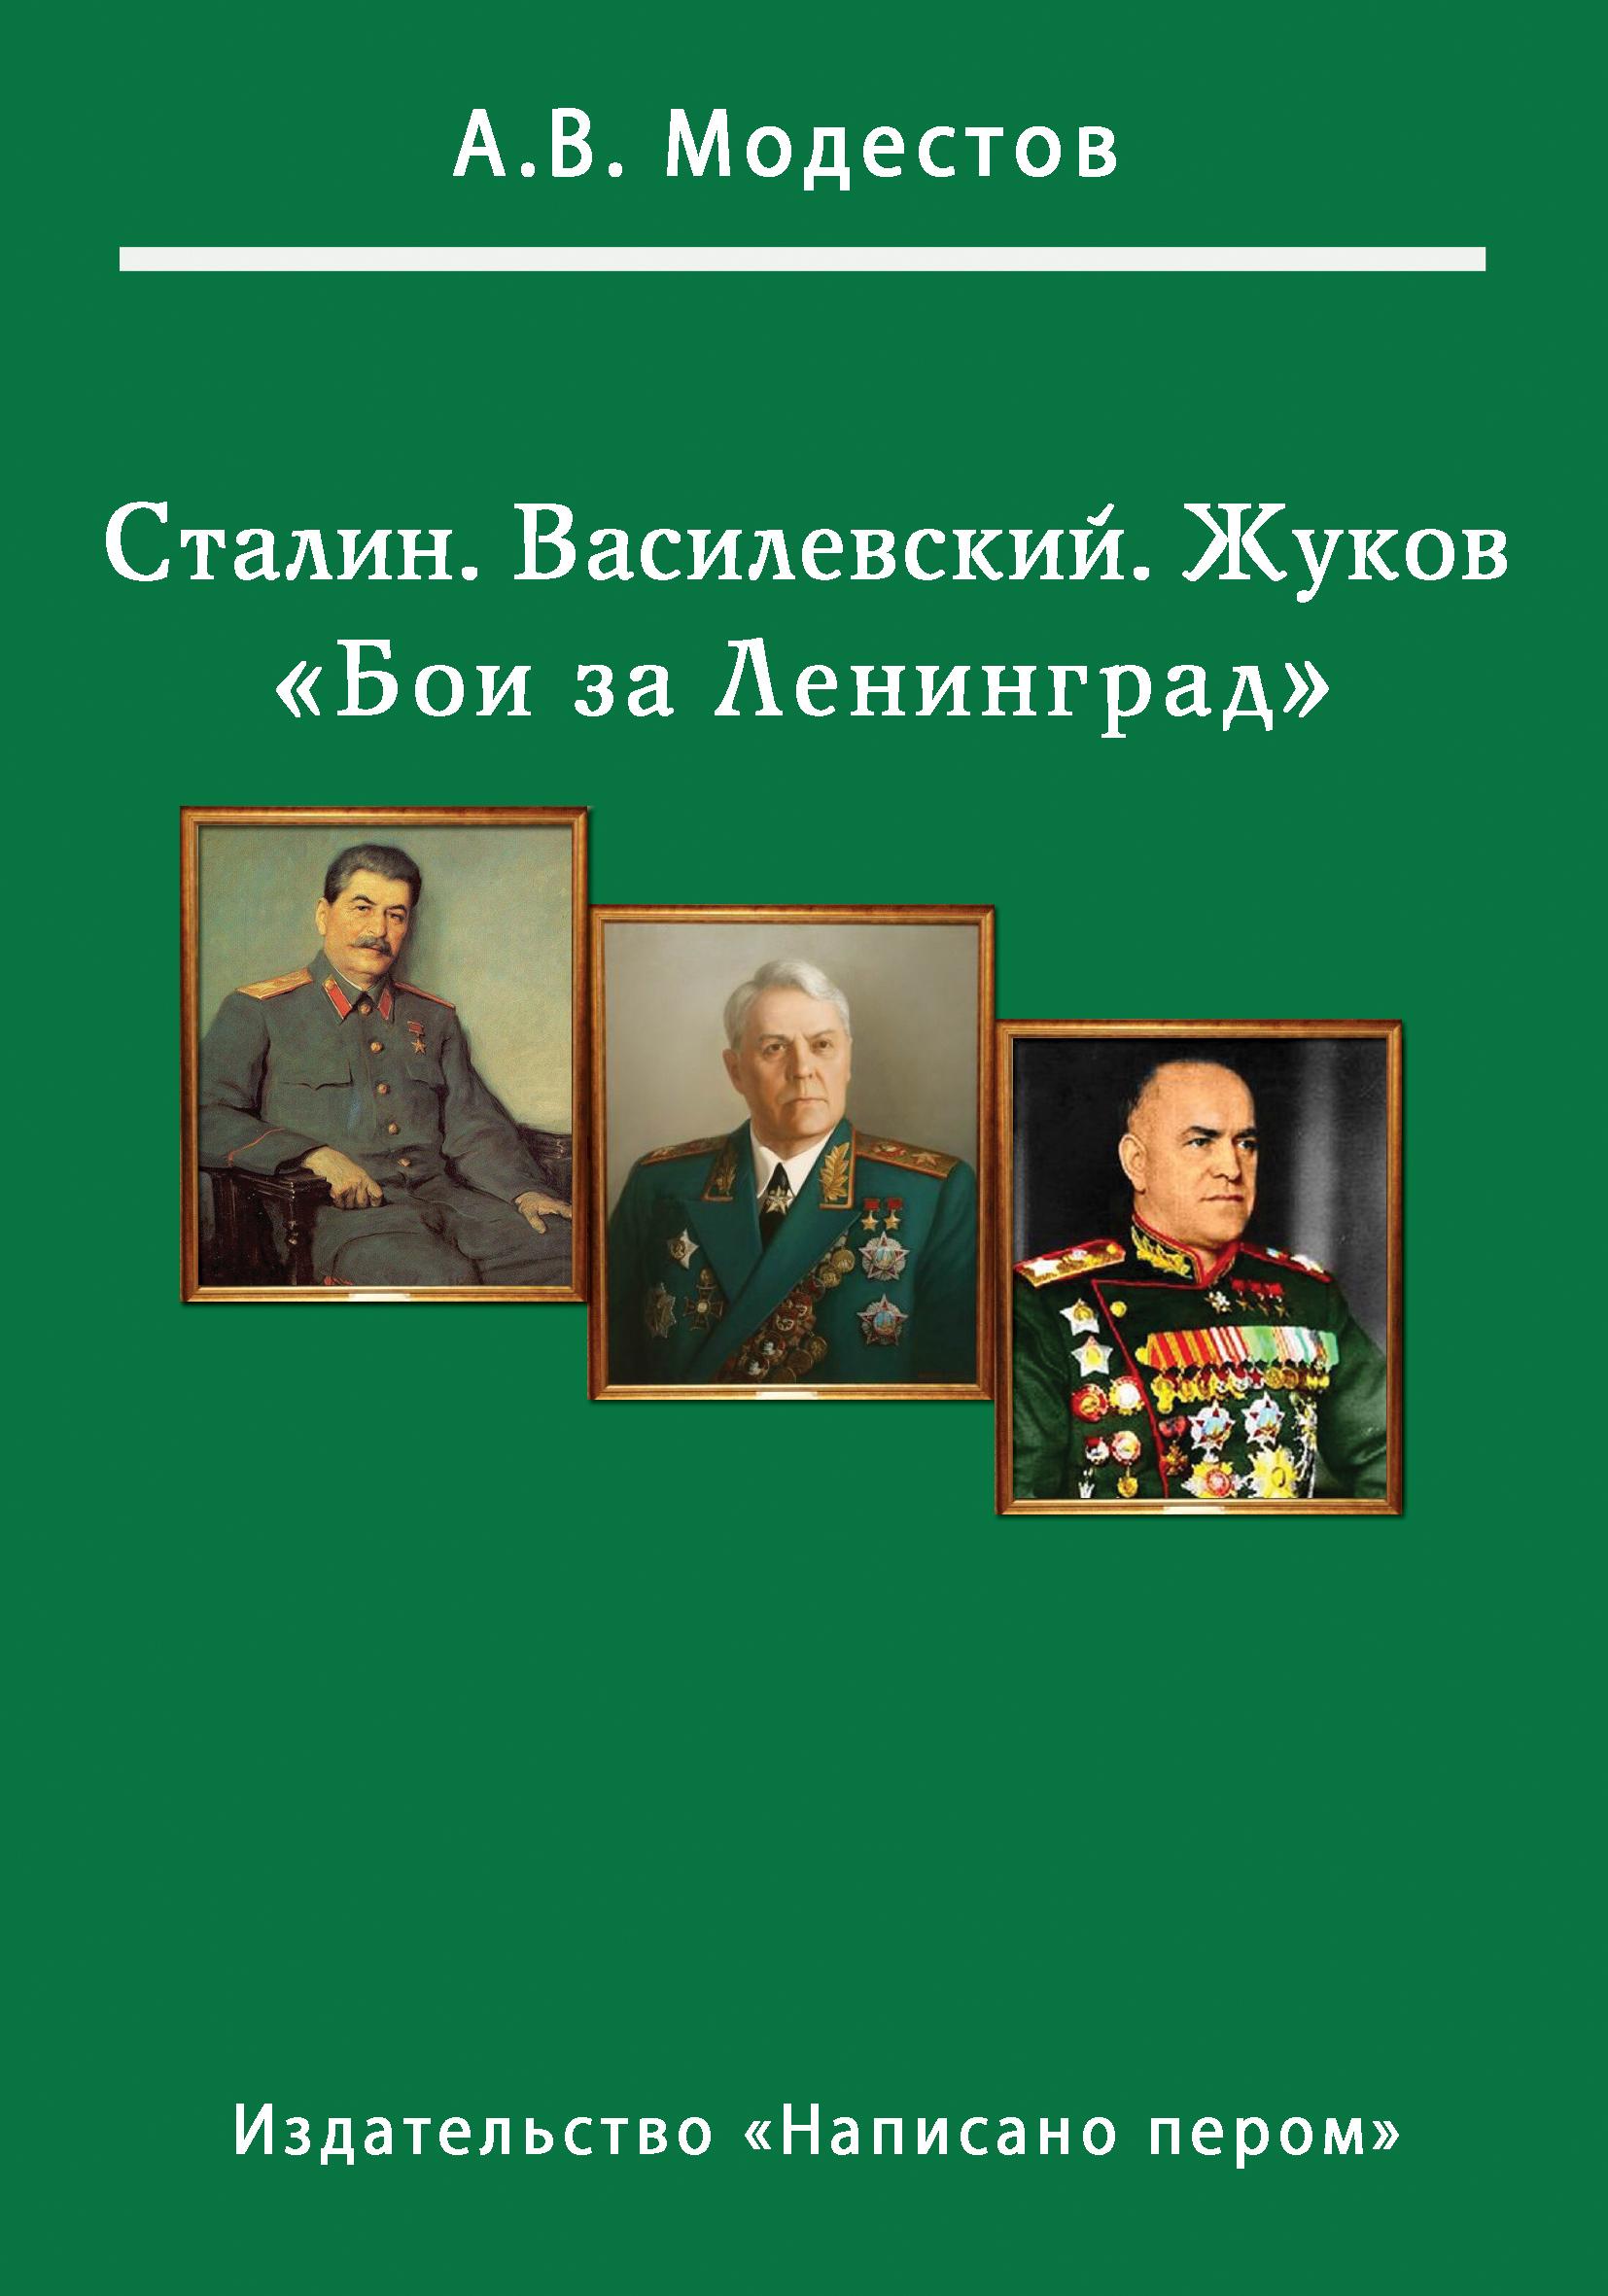 Бои за Ленинград